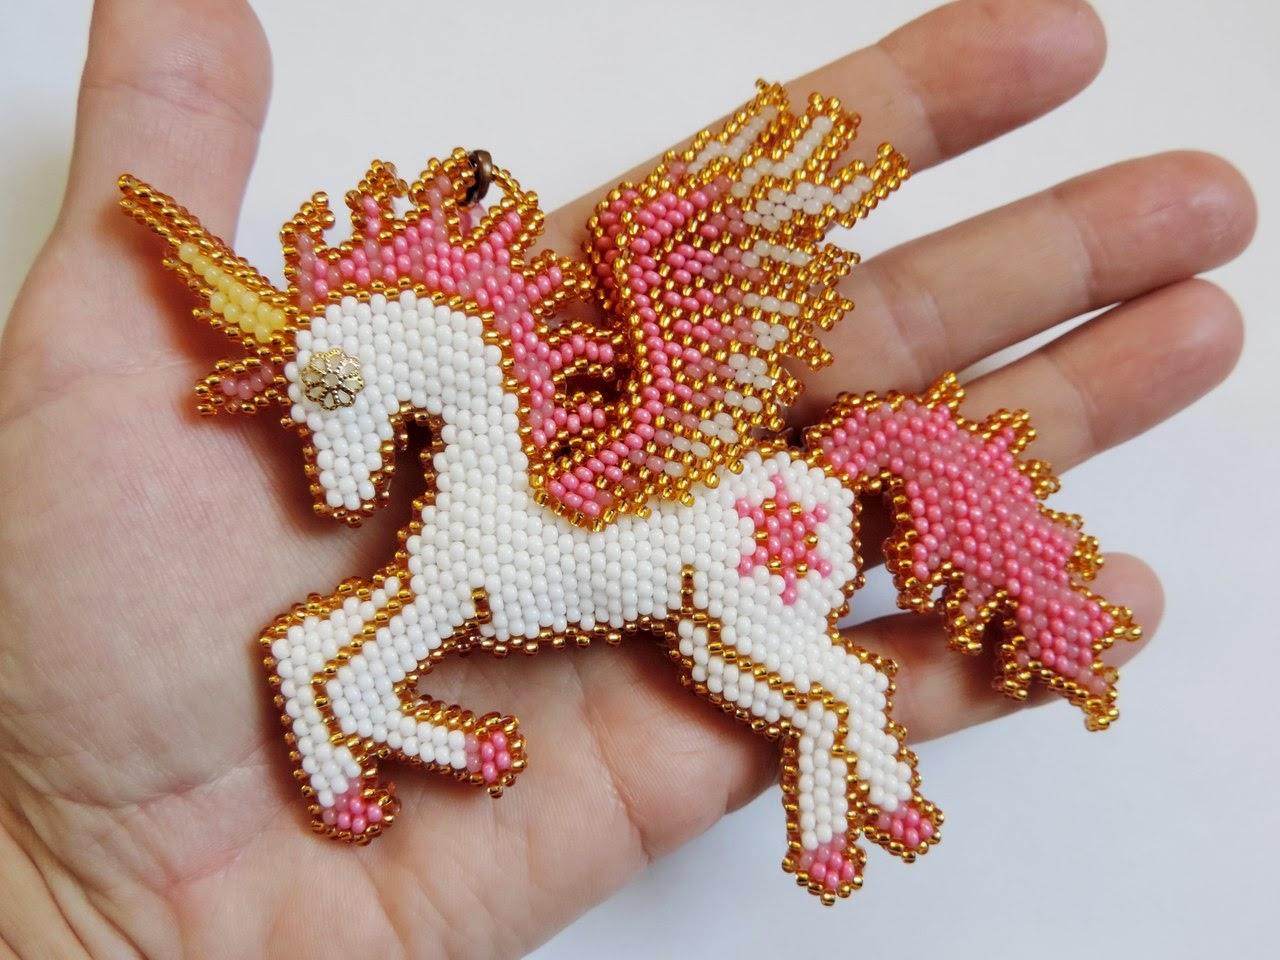 Лошадка-пегас-единорог из бисера кирпичным плетением